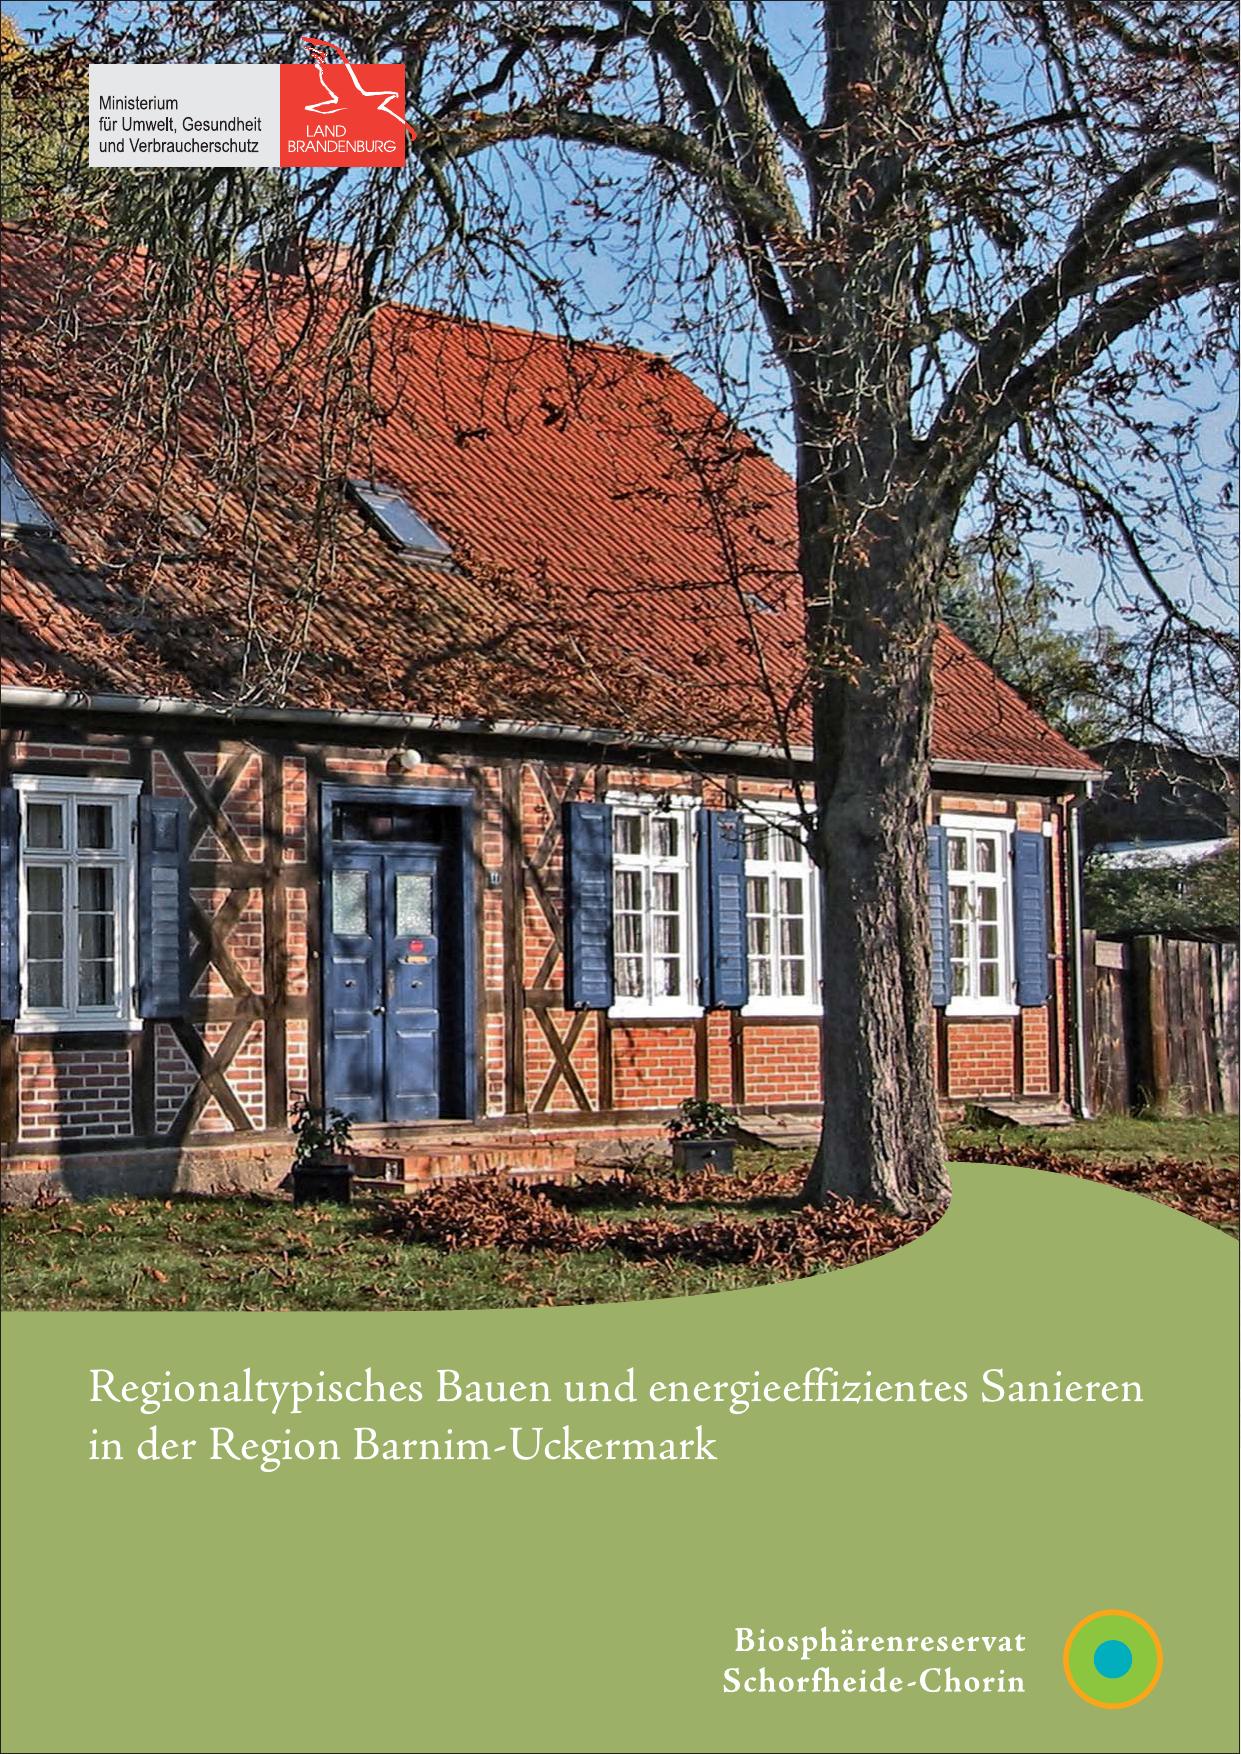 Regionaltypisches Bauen und energieeffizientes